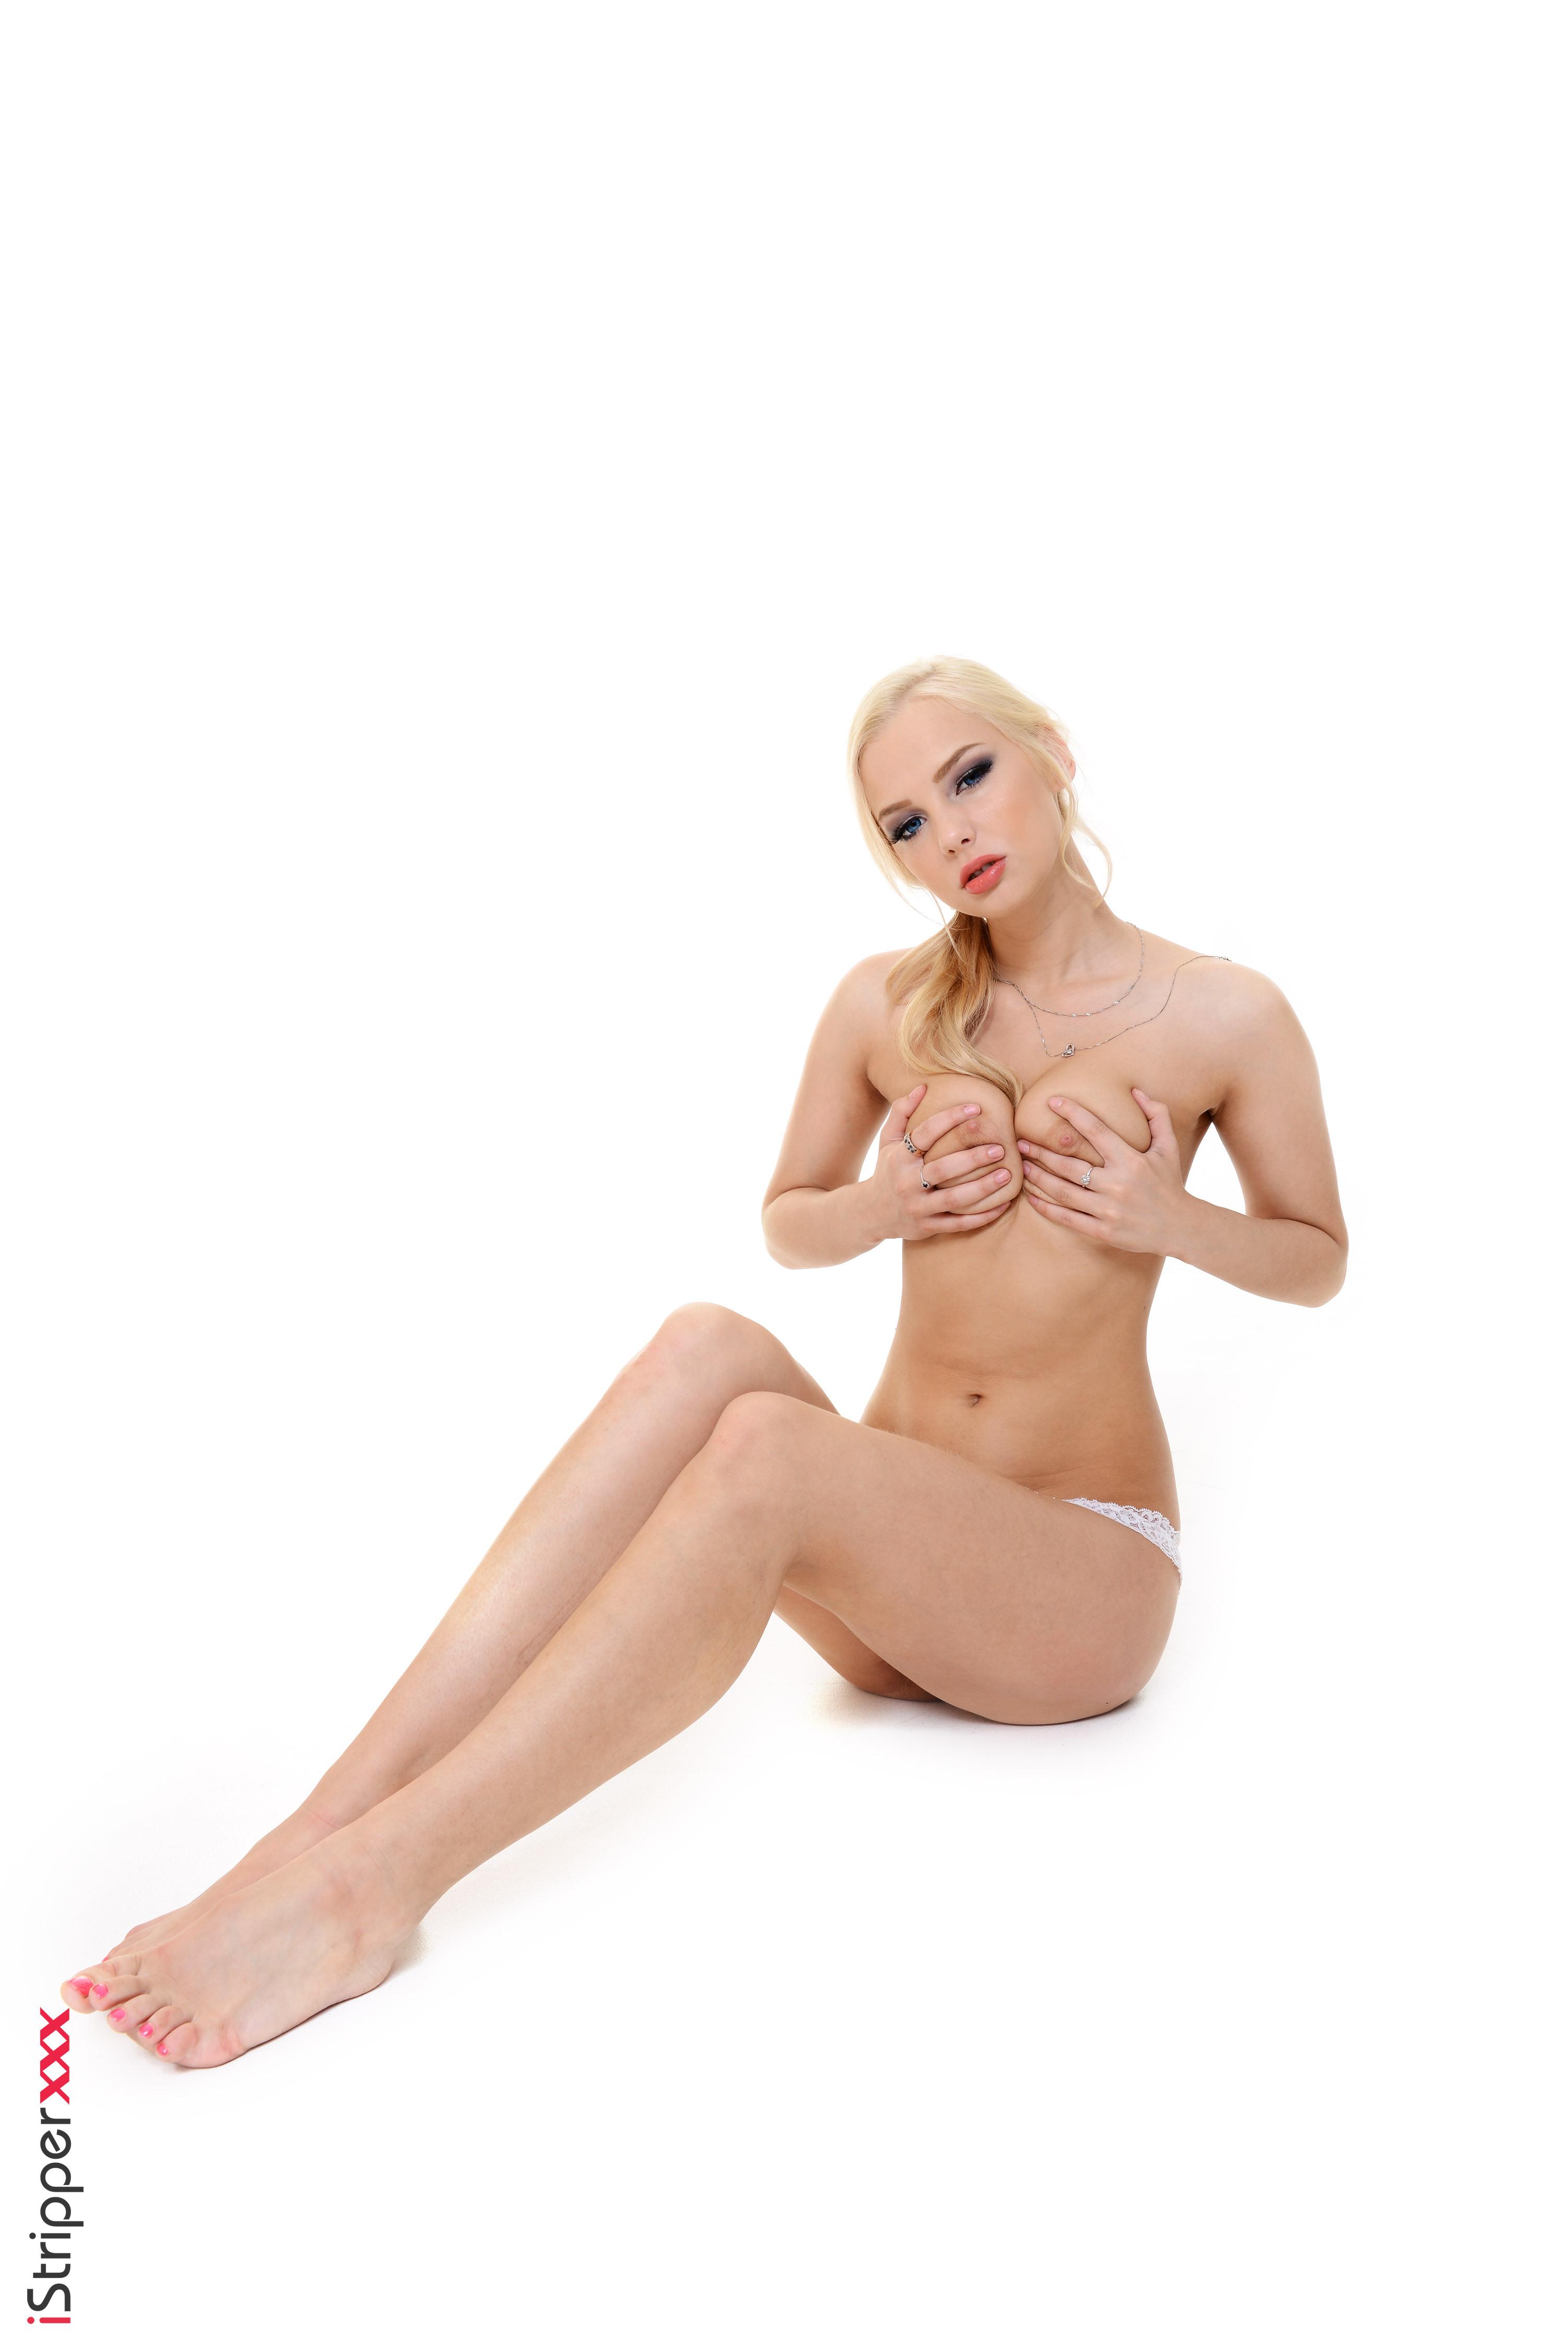 erotic women wallpaper